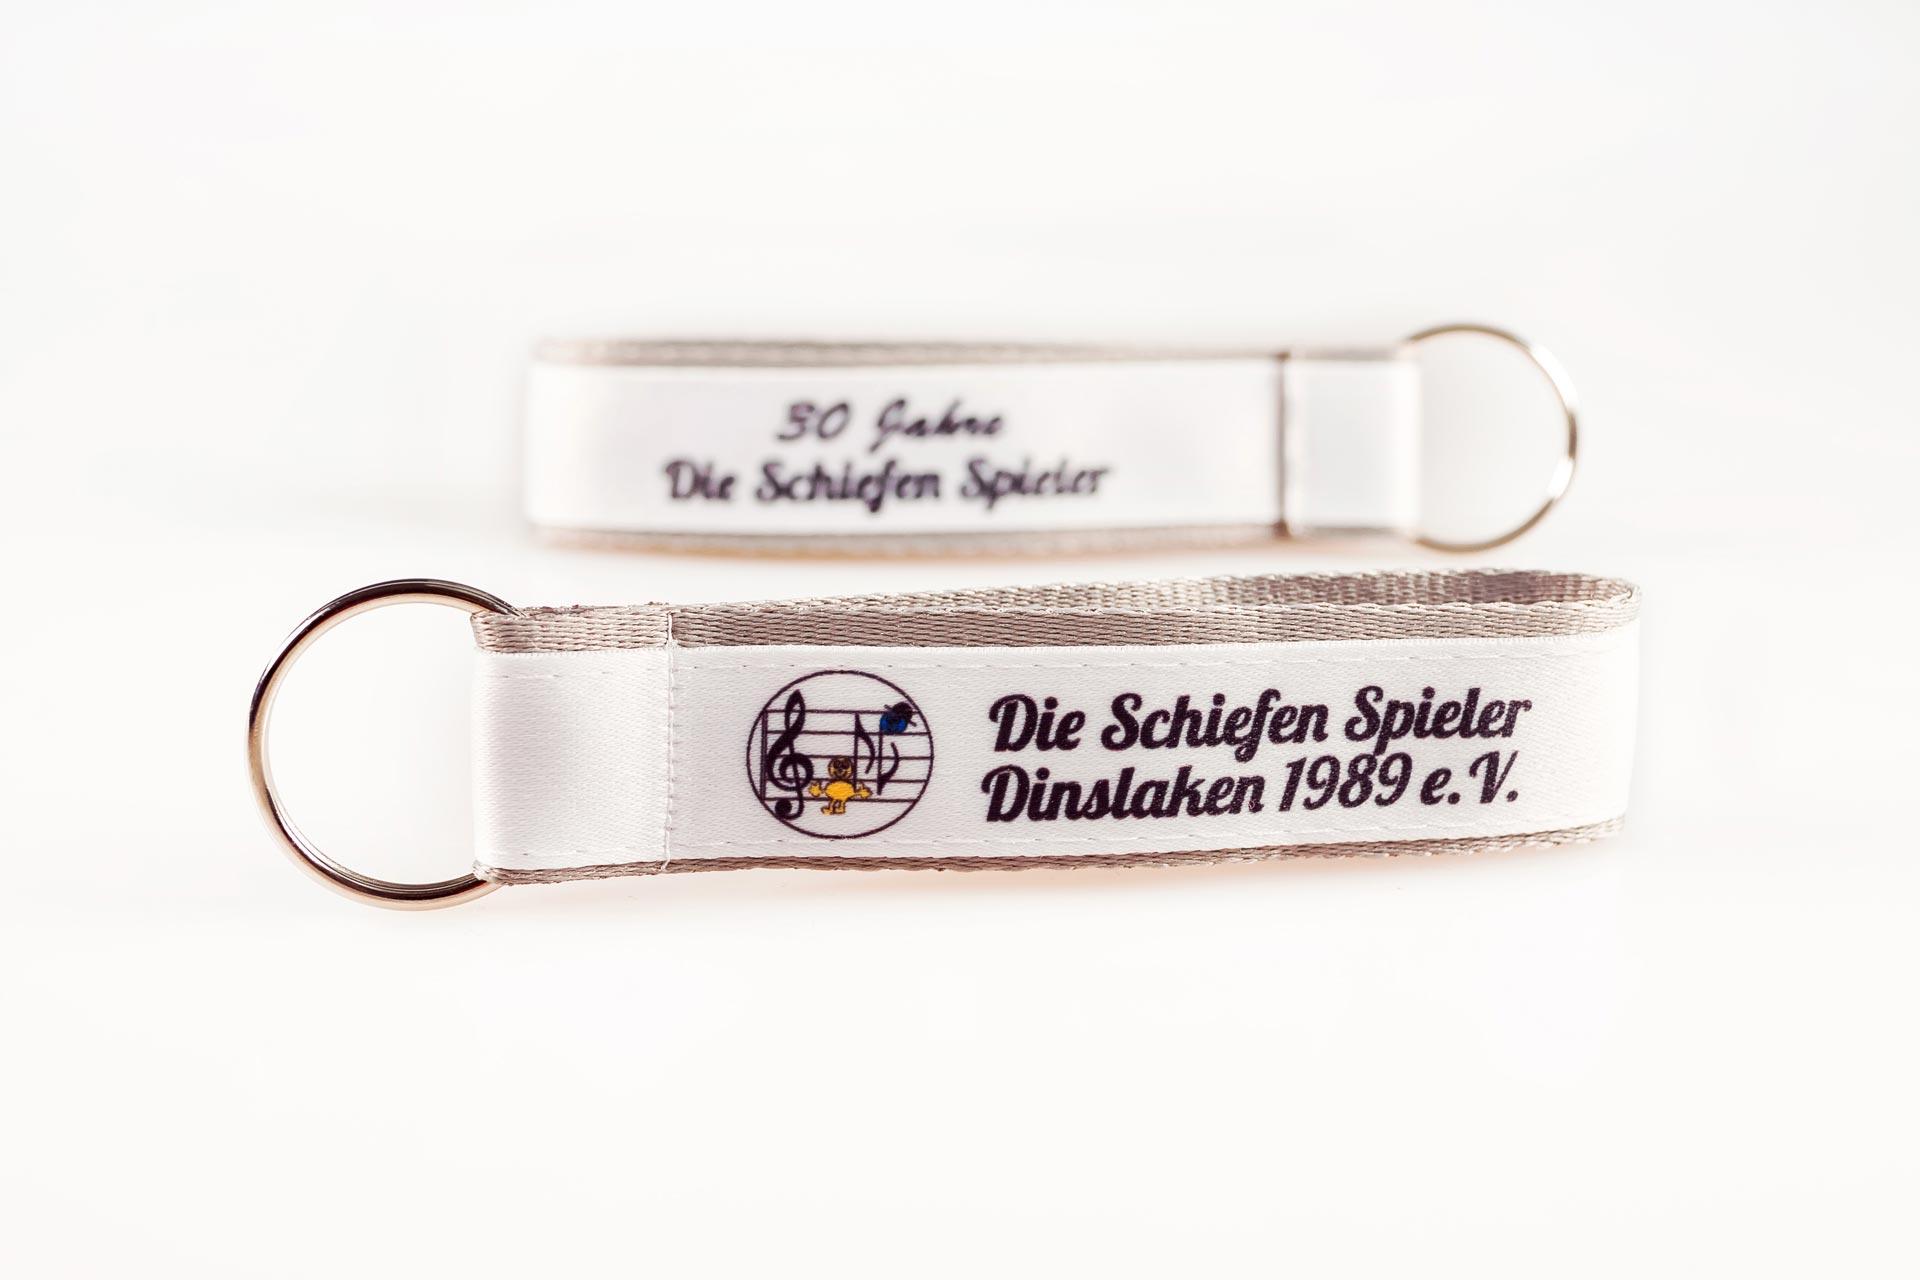 Schluesselanhaenger Bedrucken Logo Filz Alternative Shortstrap Guenstig Kaufen 25mm Doppelband Band Auf Band Satinband Weiss Grau